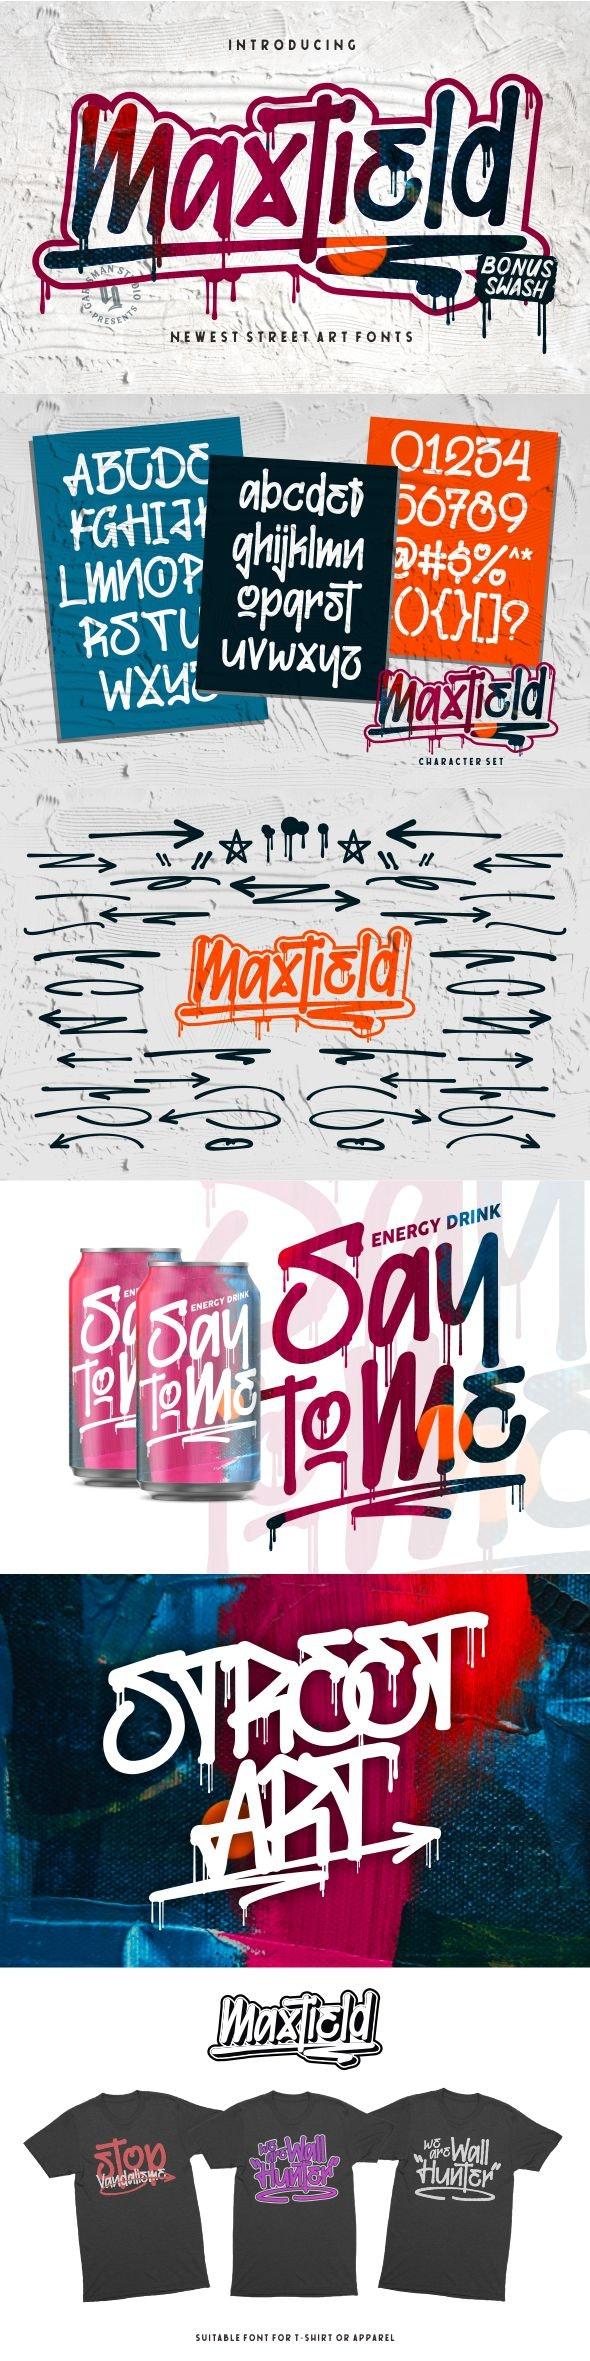 Maxtield - Graffiti Fonts - Graffiti Fonts